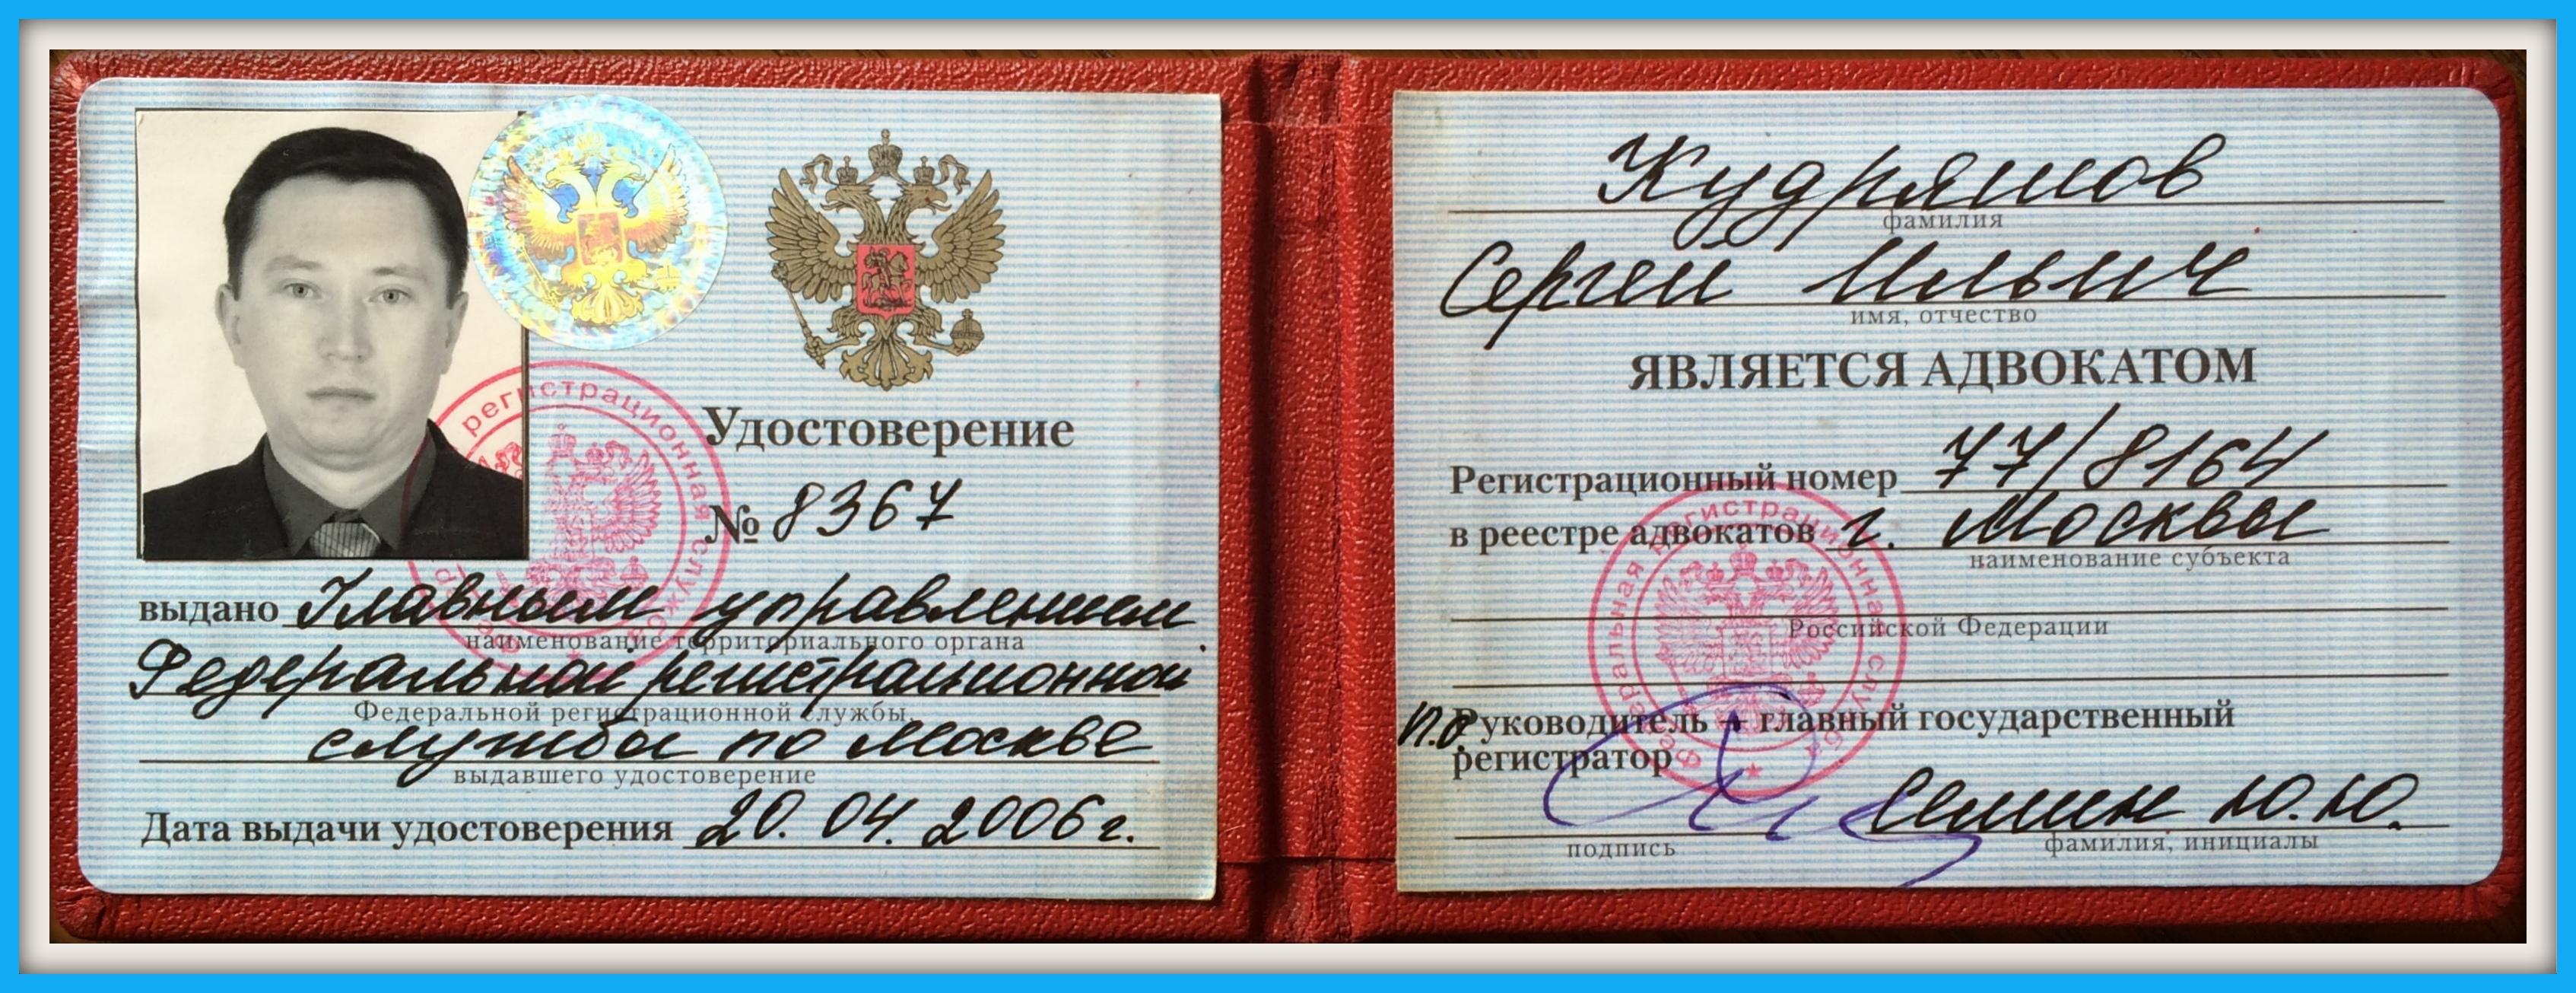 Кое фото на удостоверение работника аппарата суда